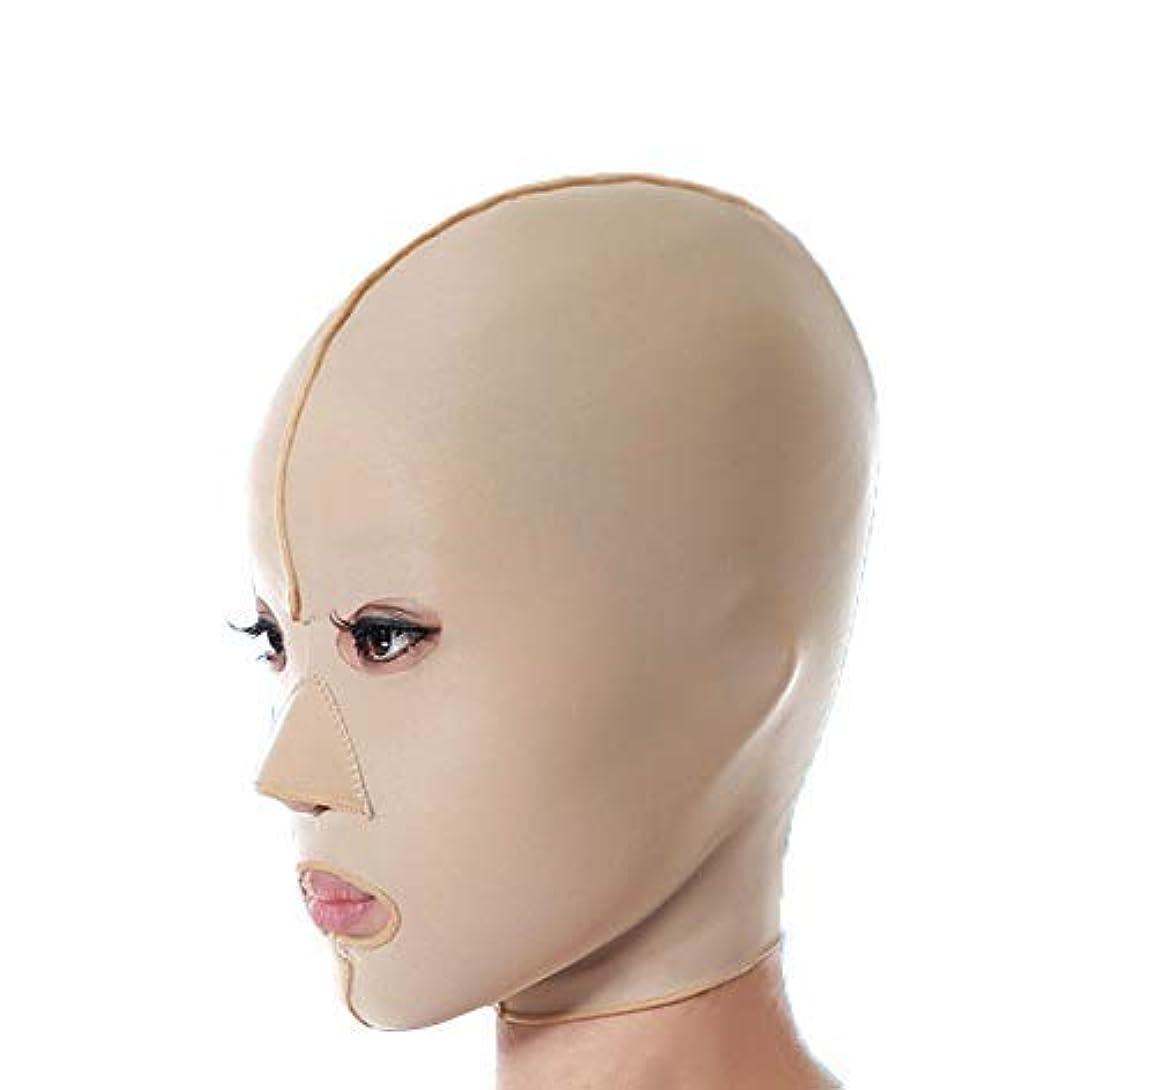 遊具荒廃する伸ばすファーミングフェイスマスク、フェイシャルマスク医学強力なフェイスマスクアーティファクト美容垂れ防止法パターンフェイシャルリフティングファーミングフルフェイスマスク(サイズ:M),M